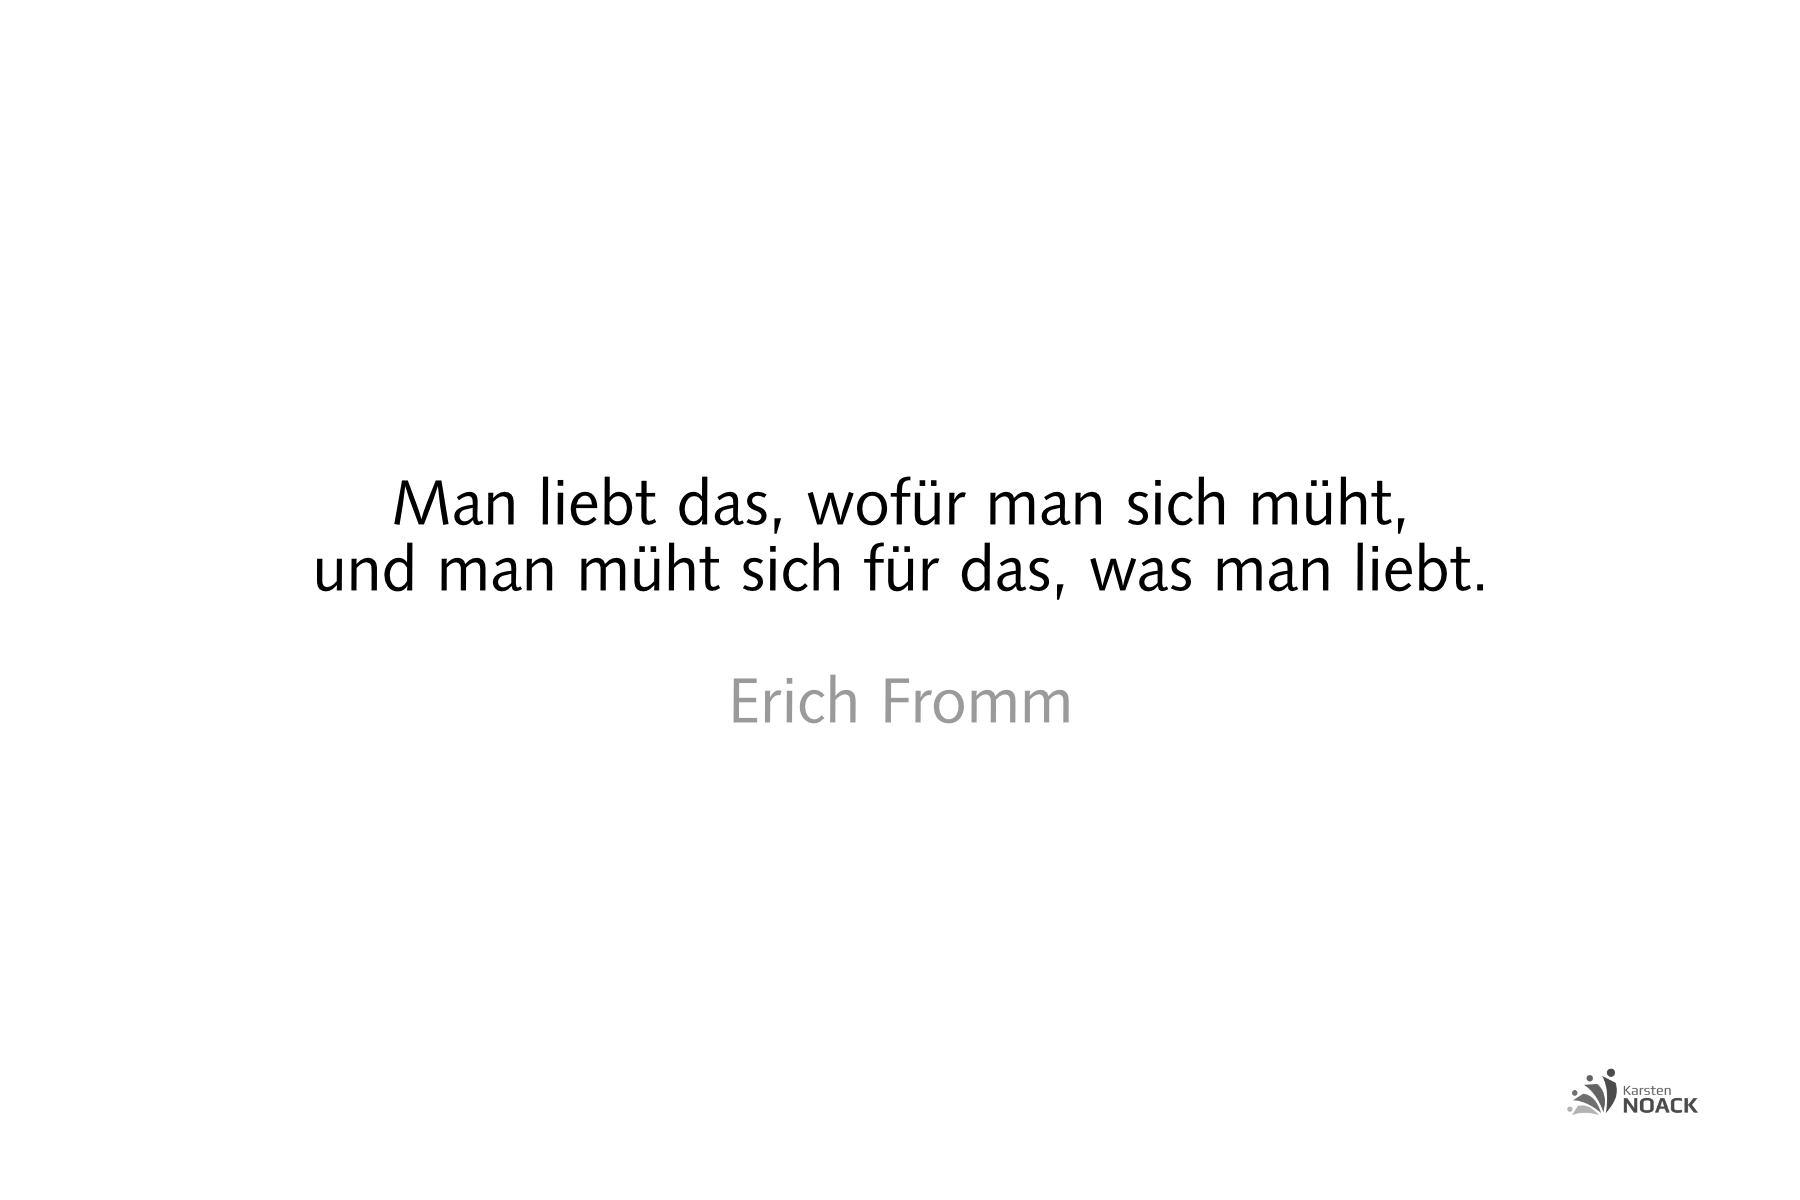 Man liebt das, wofür man sich müht, und man müht sich für das, was man liebt. Erich Fromm